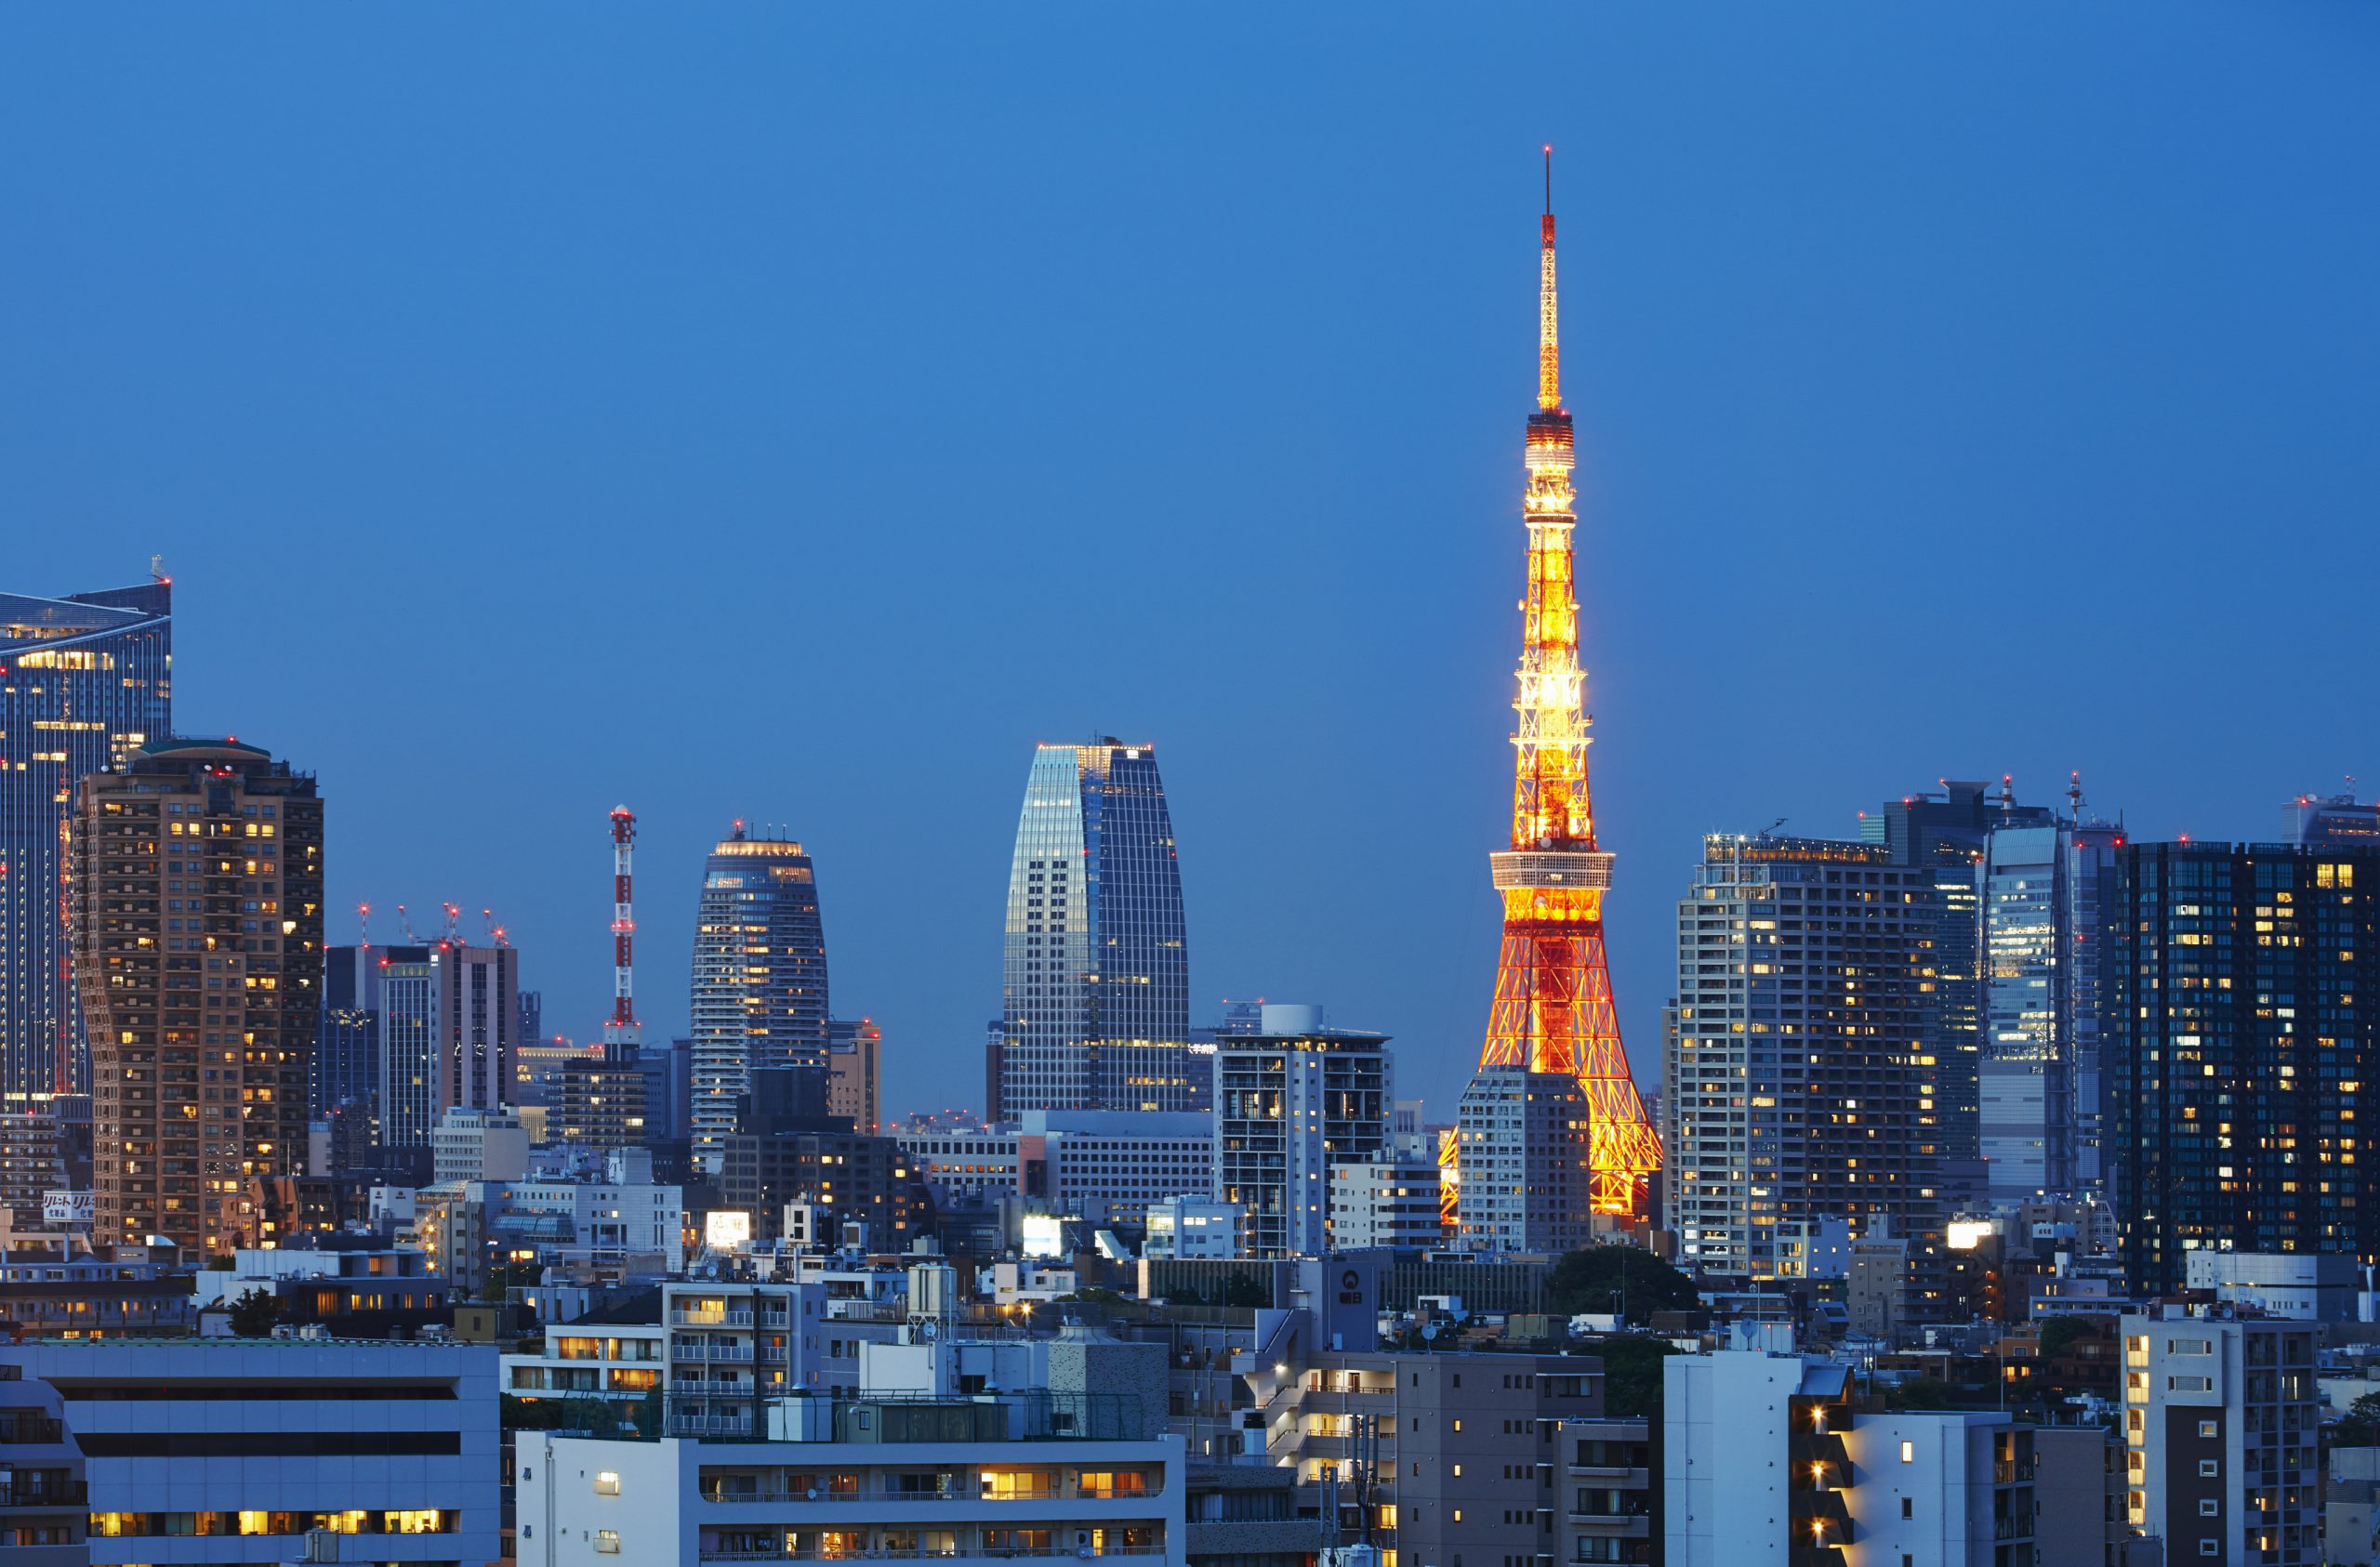 Ảnh tháp Tokyo - biểu tượng của Tokyo sau thế chiến II